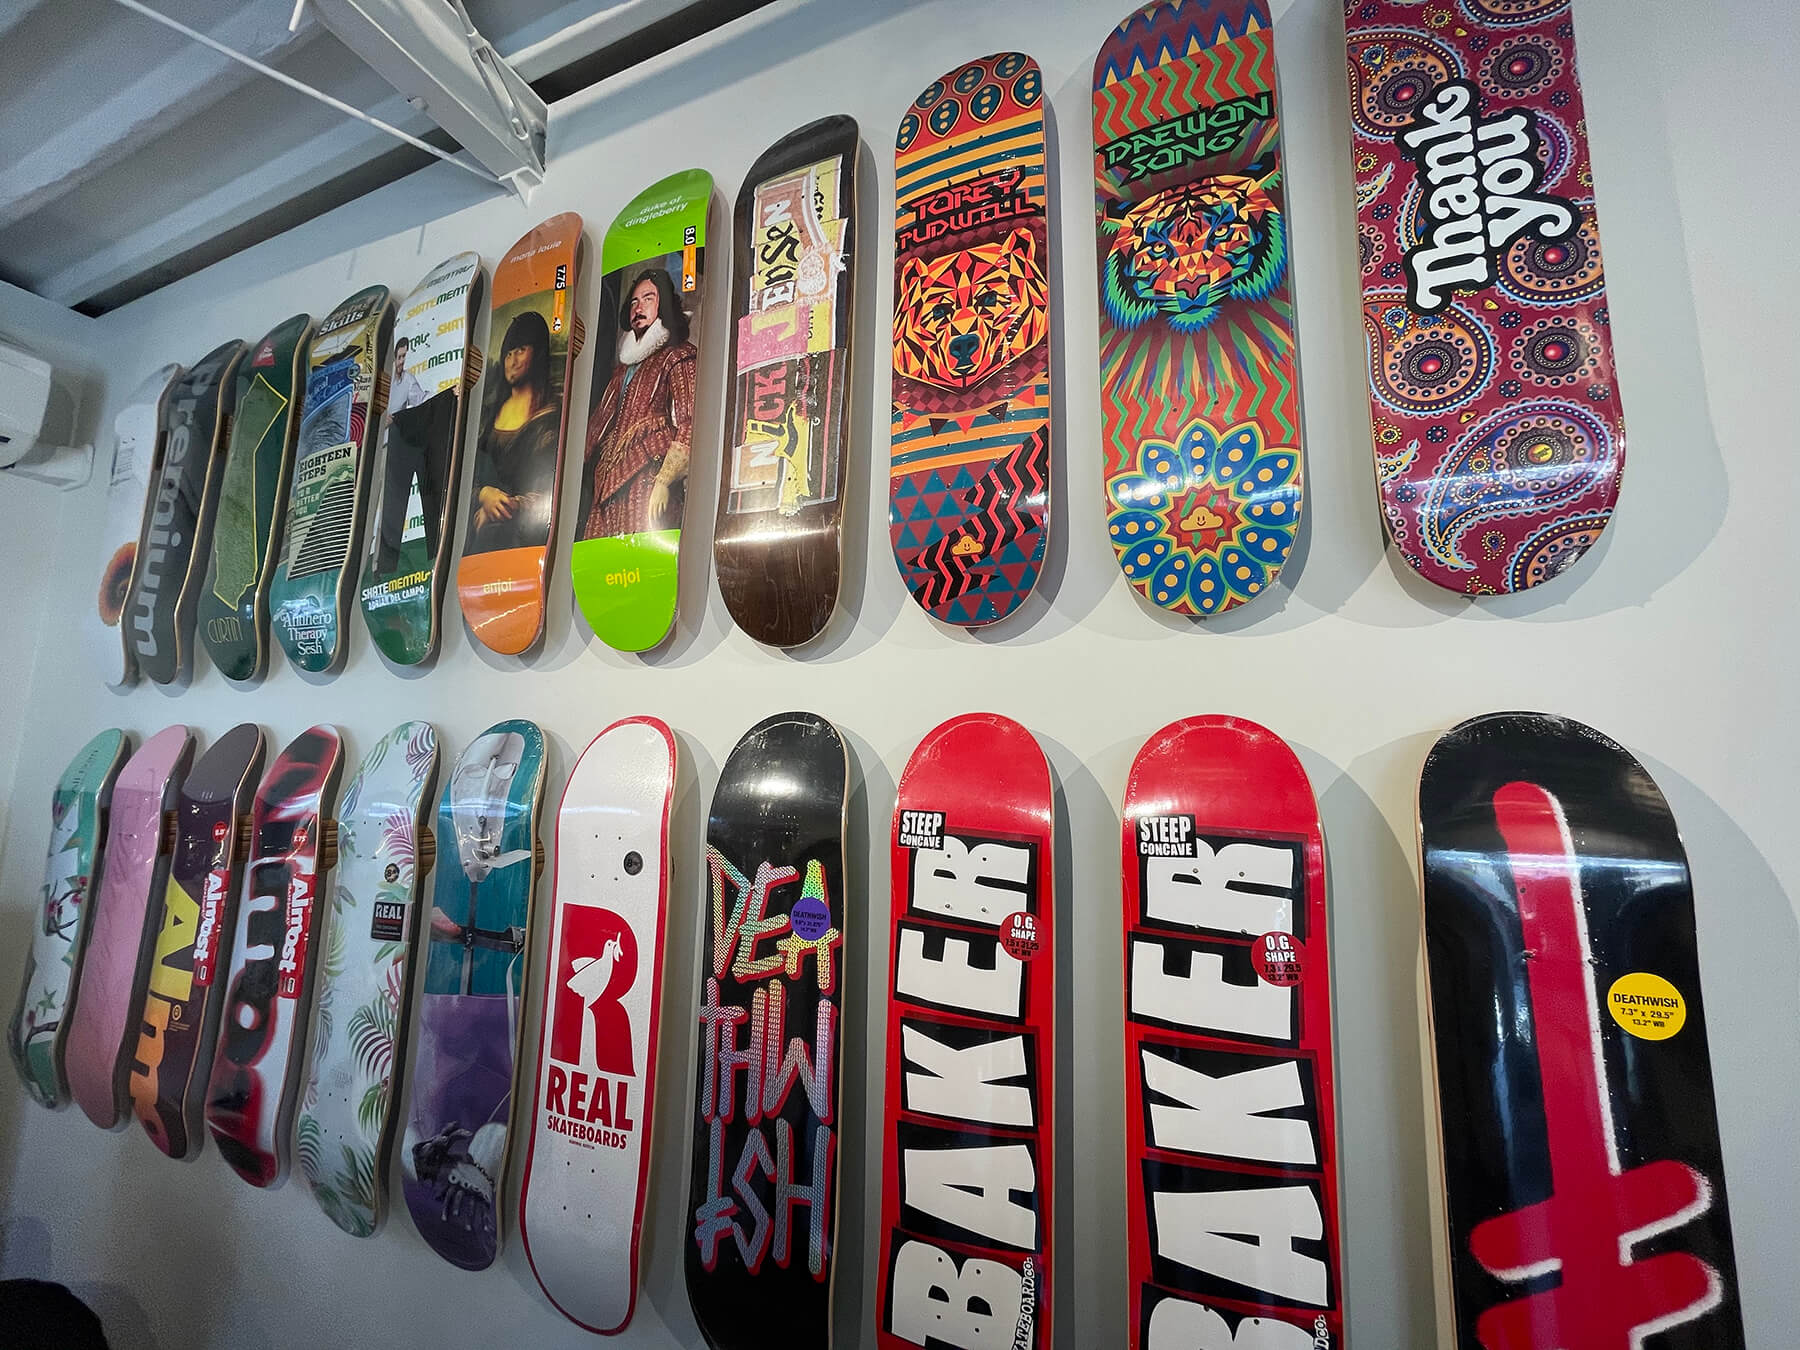 GRACE スケートボード用品専門店